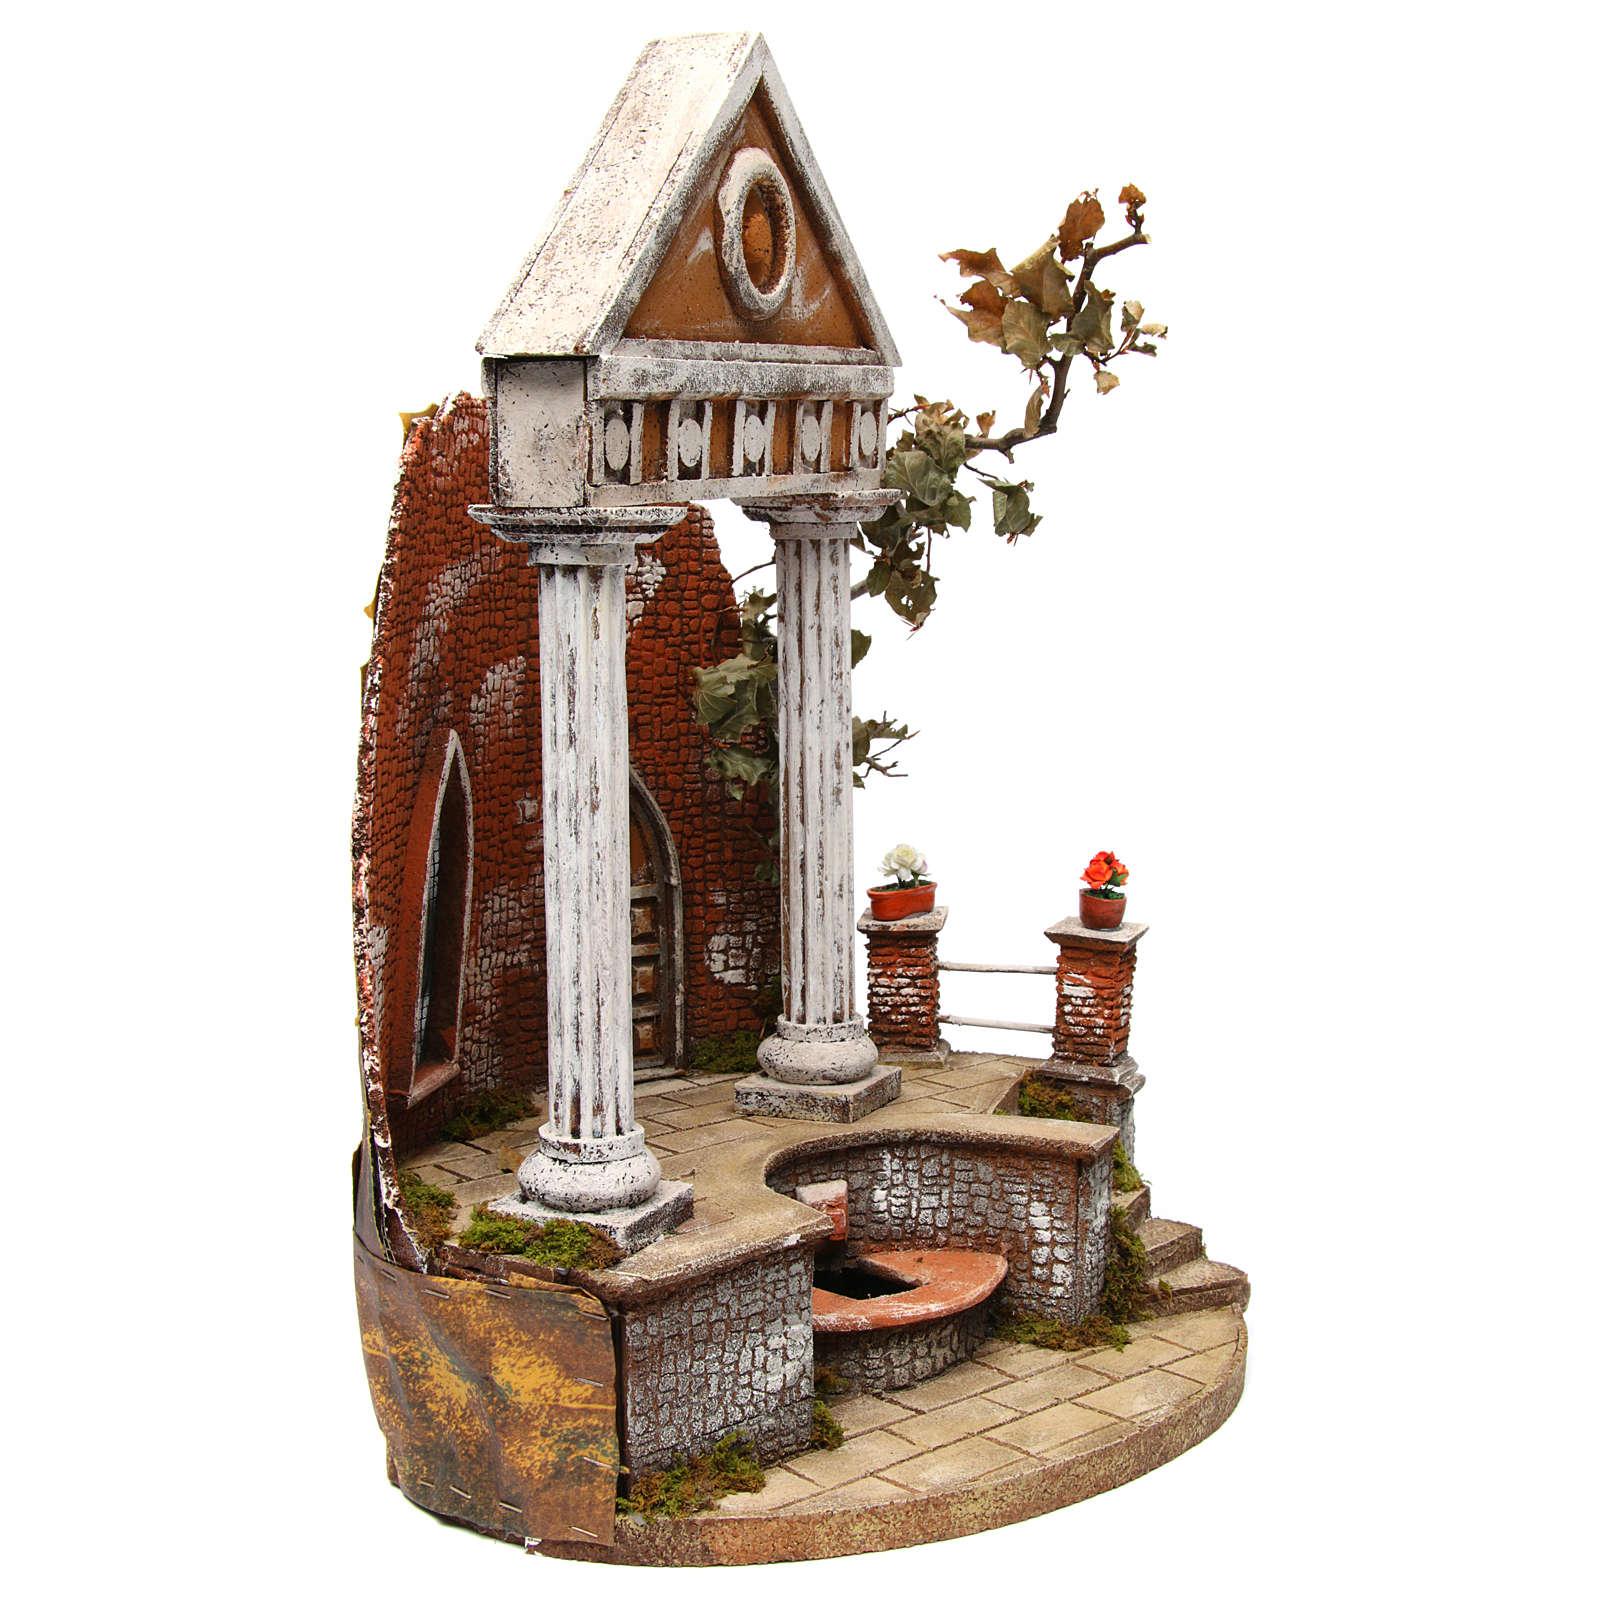 Temple 55x35x20 cm for Neapolitan Nativity Scene 4